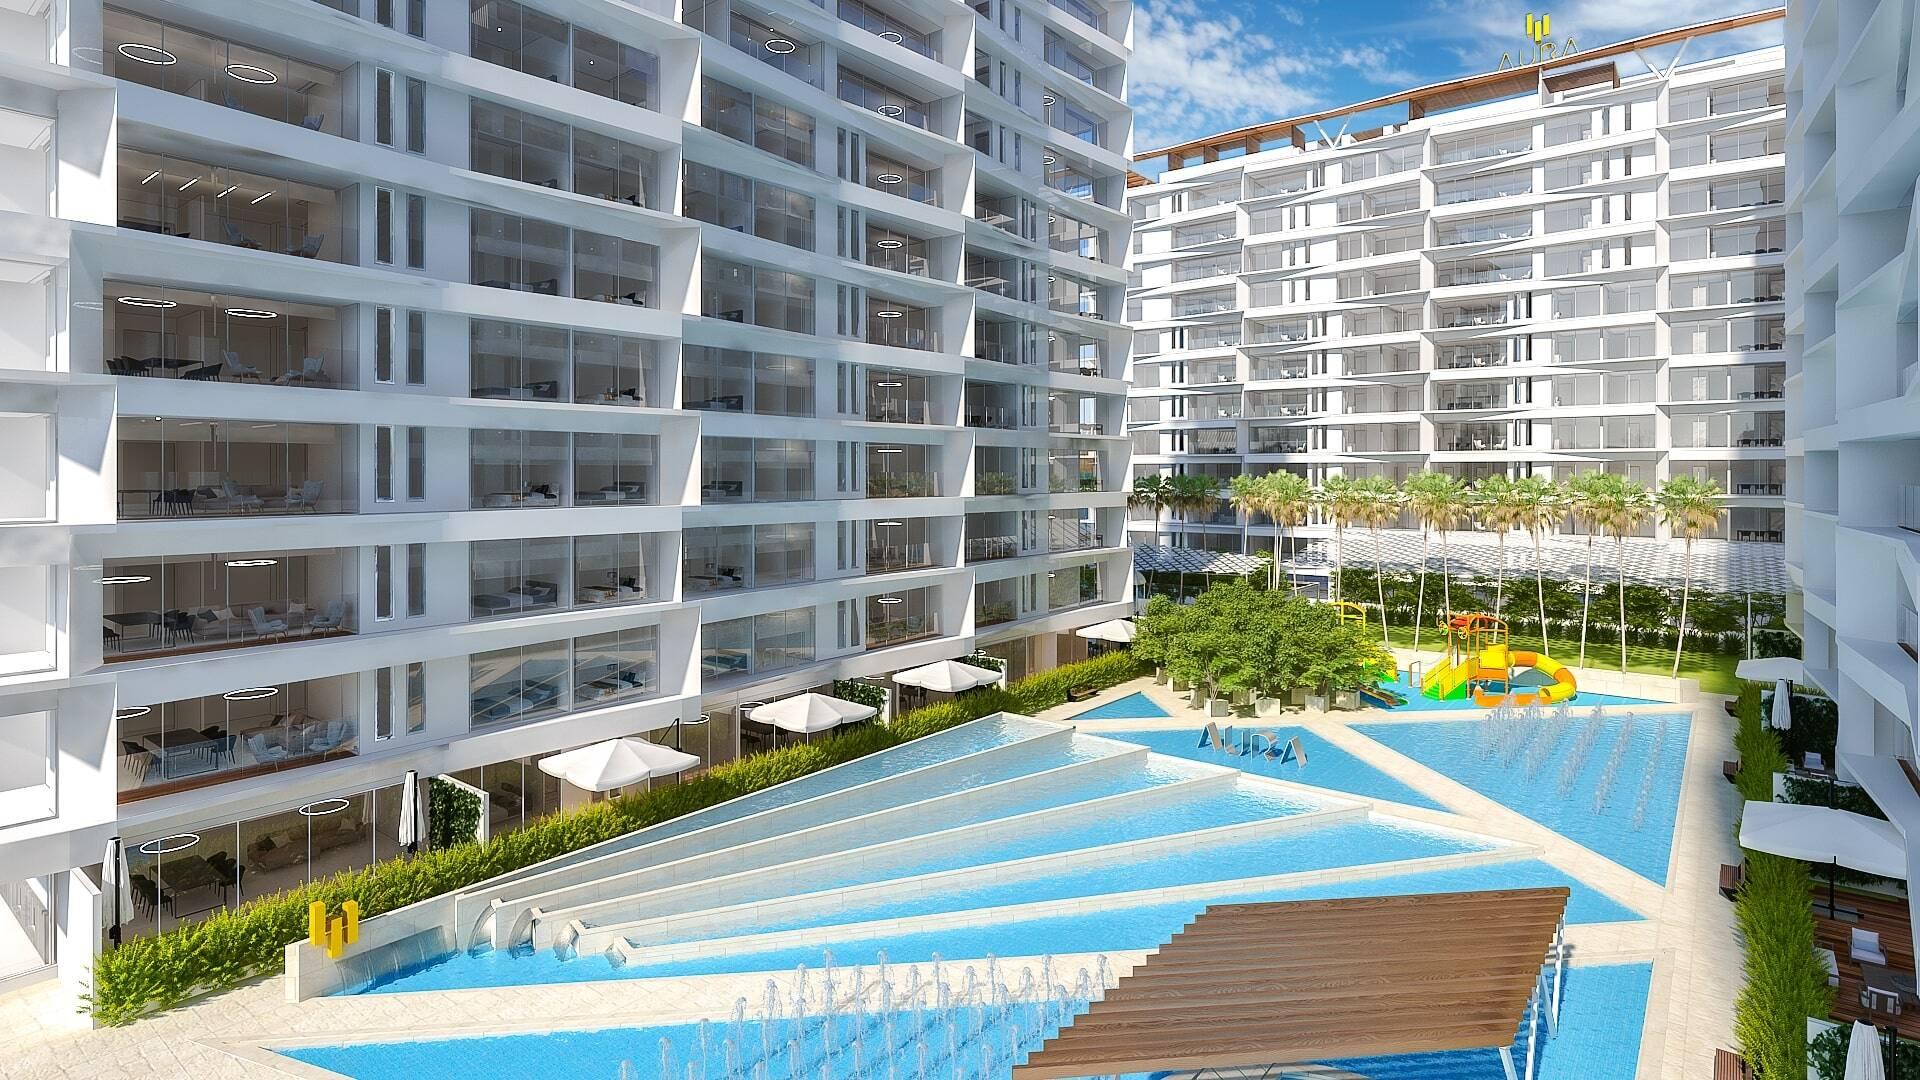 AURA Smart Luxury Living: Primer desarrollo inmobiliario inteligente en Mérida, Yucatán, Mexico. 24 amenidades de lujo